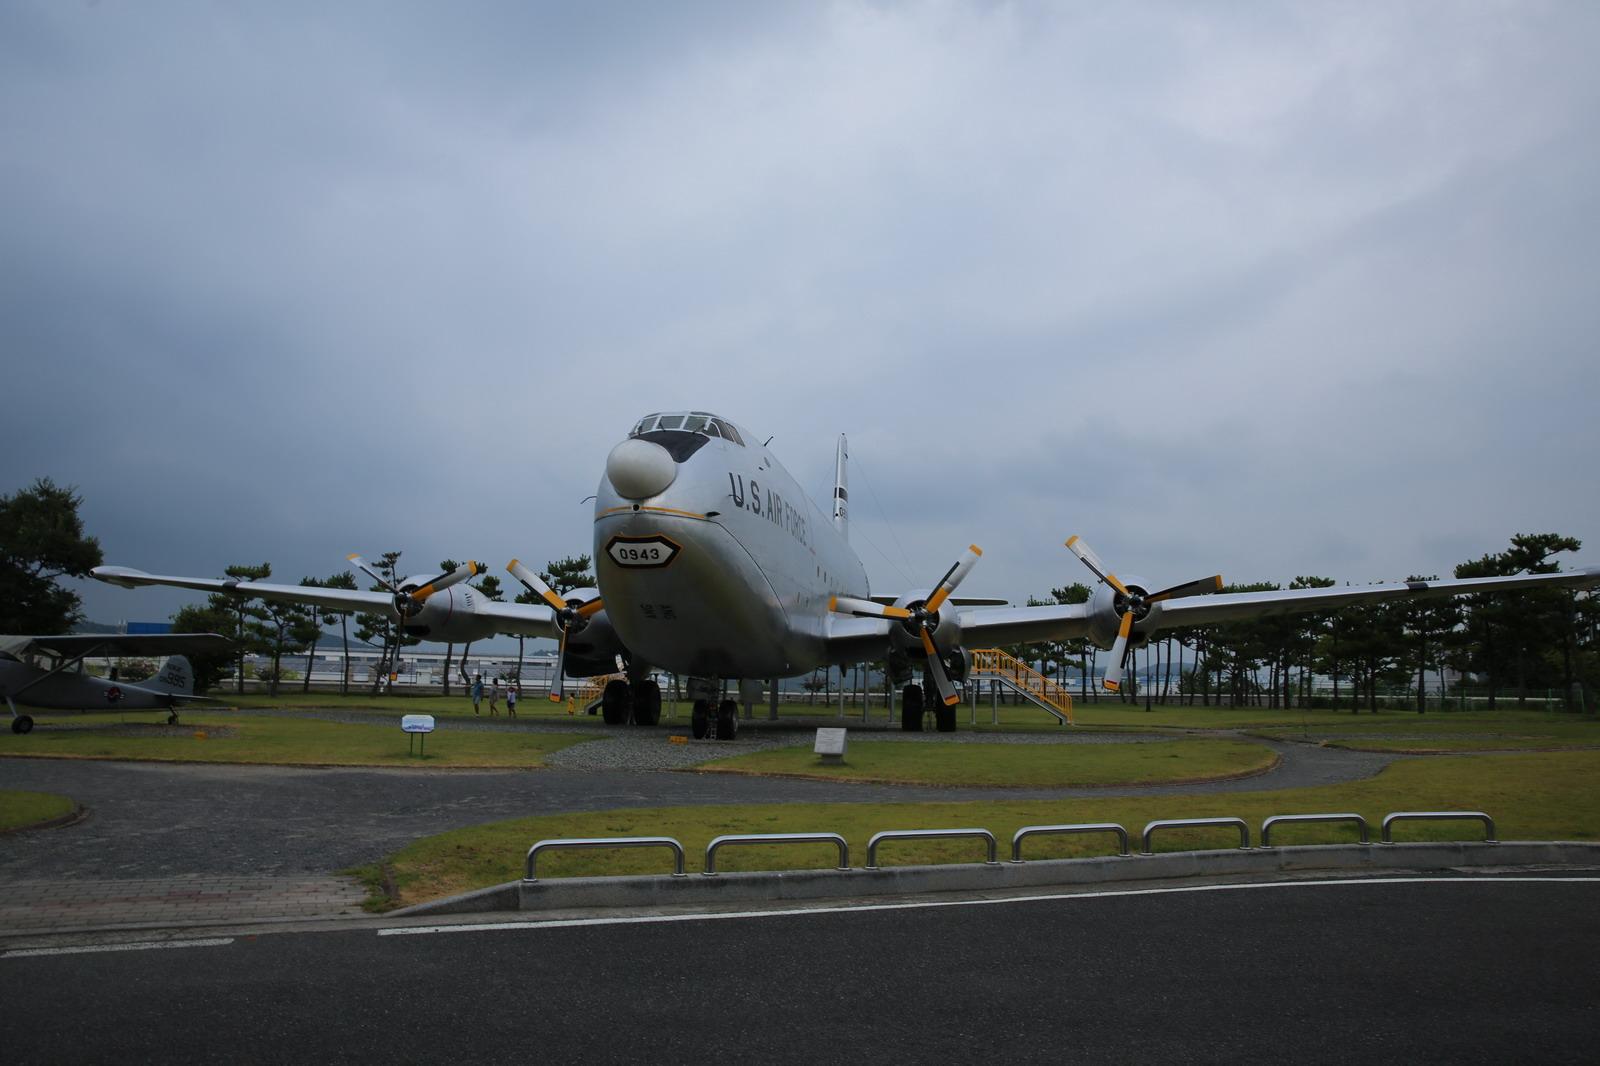 하늘을 꿈꾸는 일 - 사천 항공우주박물관